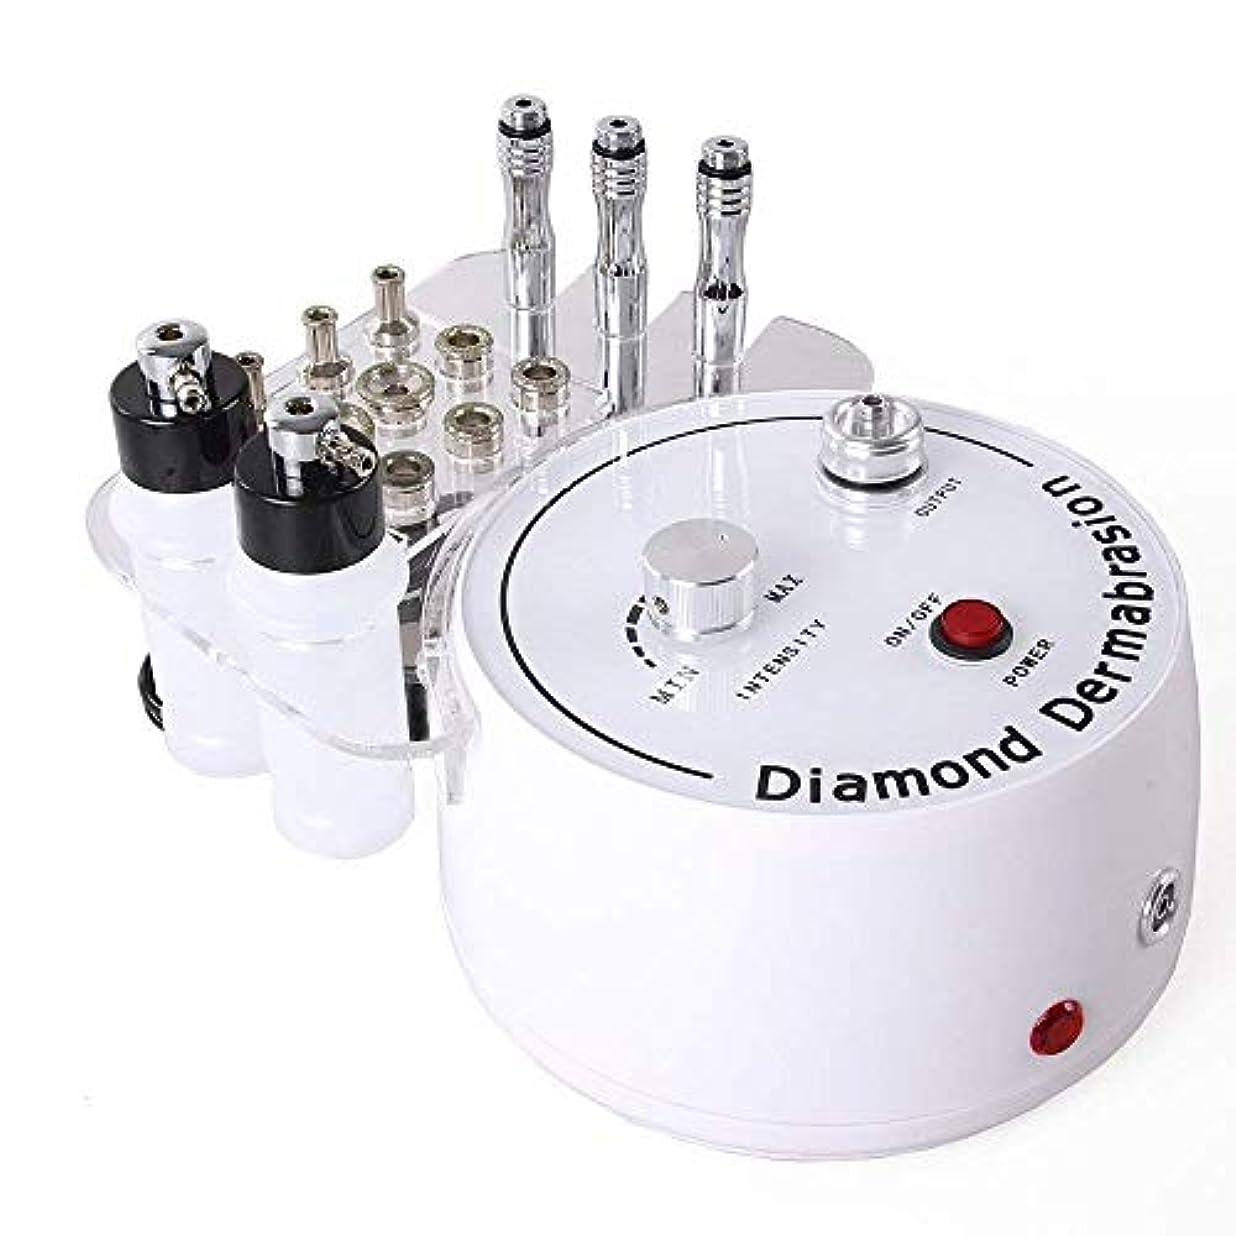 不合格聞きます分配します3 in 1ダイヤモンドマイクロダーマブレーションマシン、プロフェッショナルダイヤモンドダーマブレーションマシンパーソナルケア用のフェイシャルケアサロン機器、チップとワンド付き